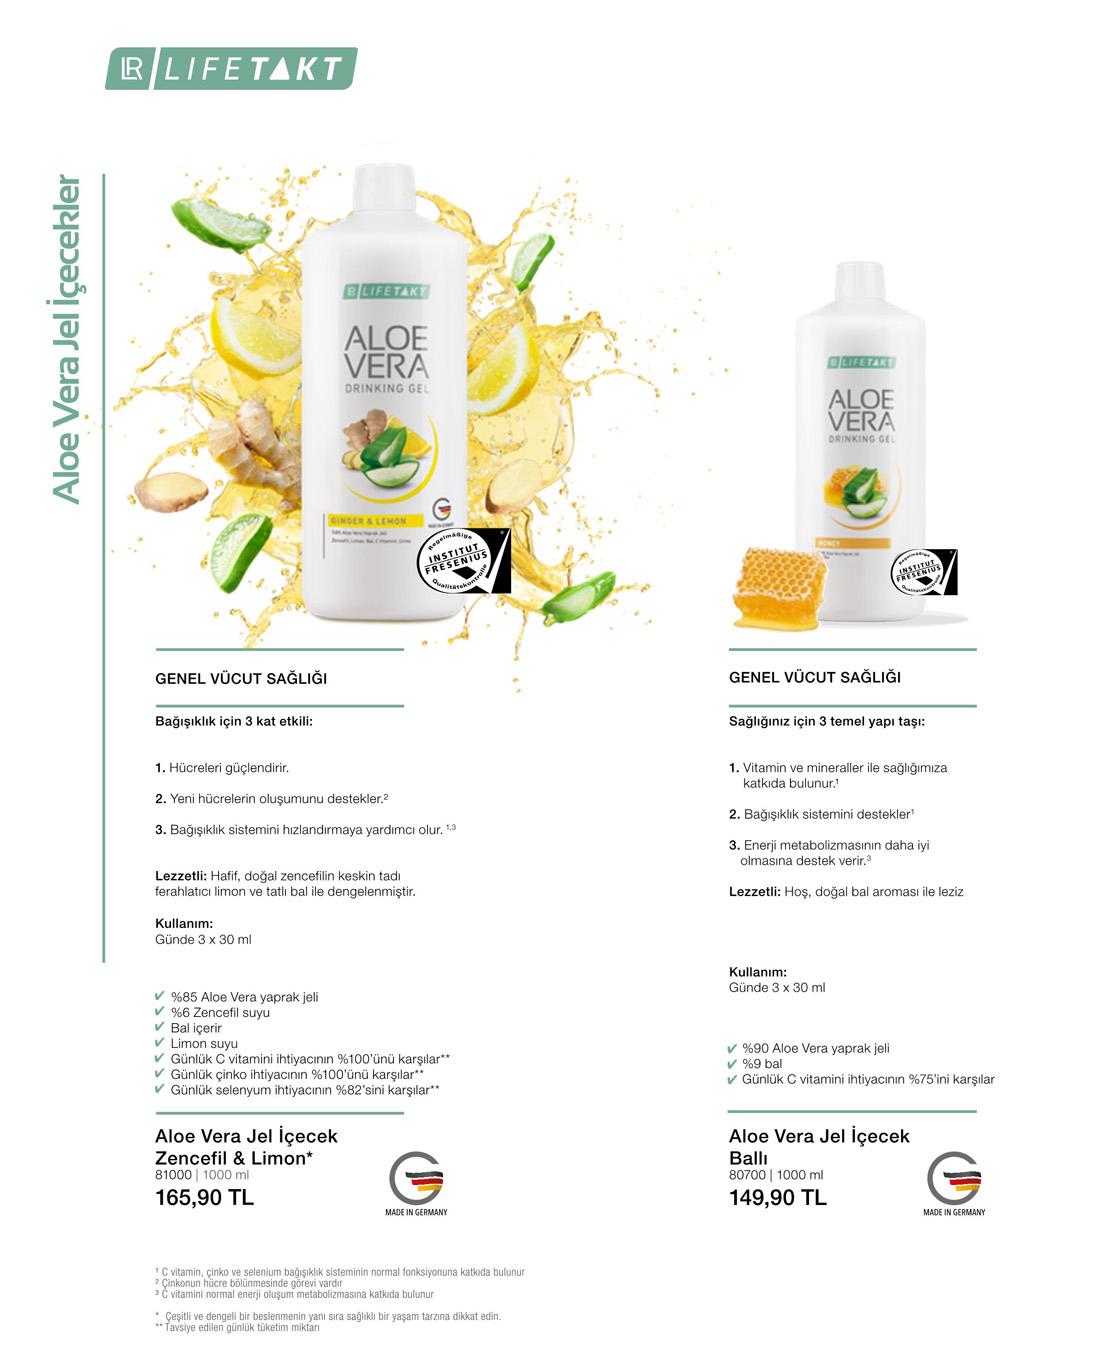 LR Aloe Vera Jel İçecek Zencefil & Limon katalog